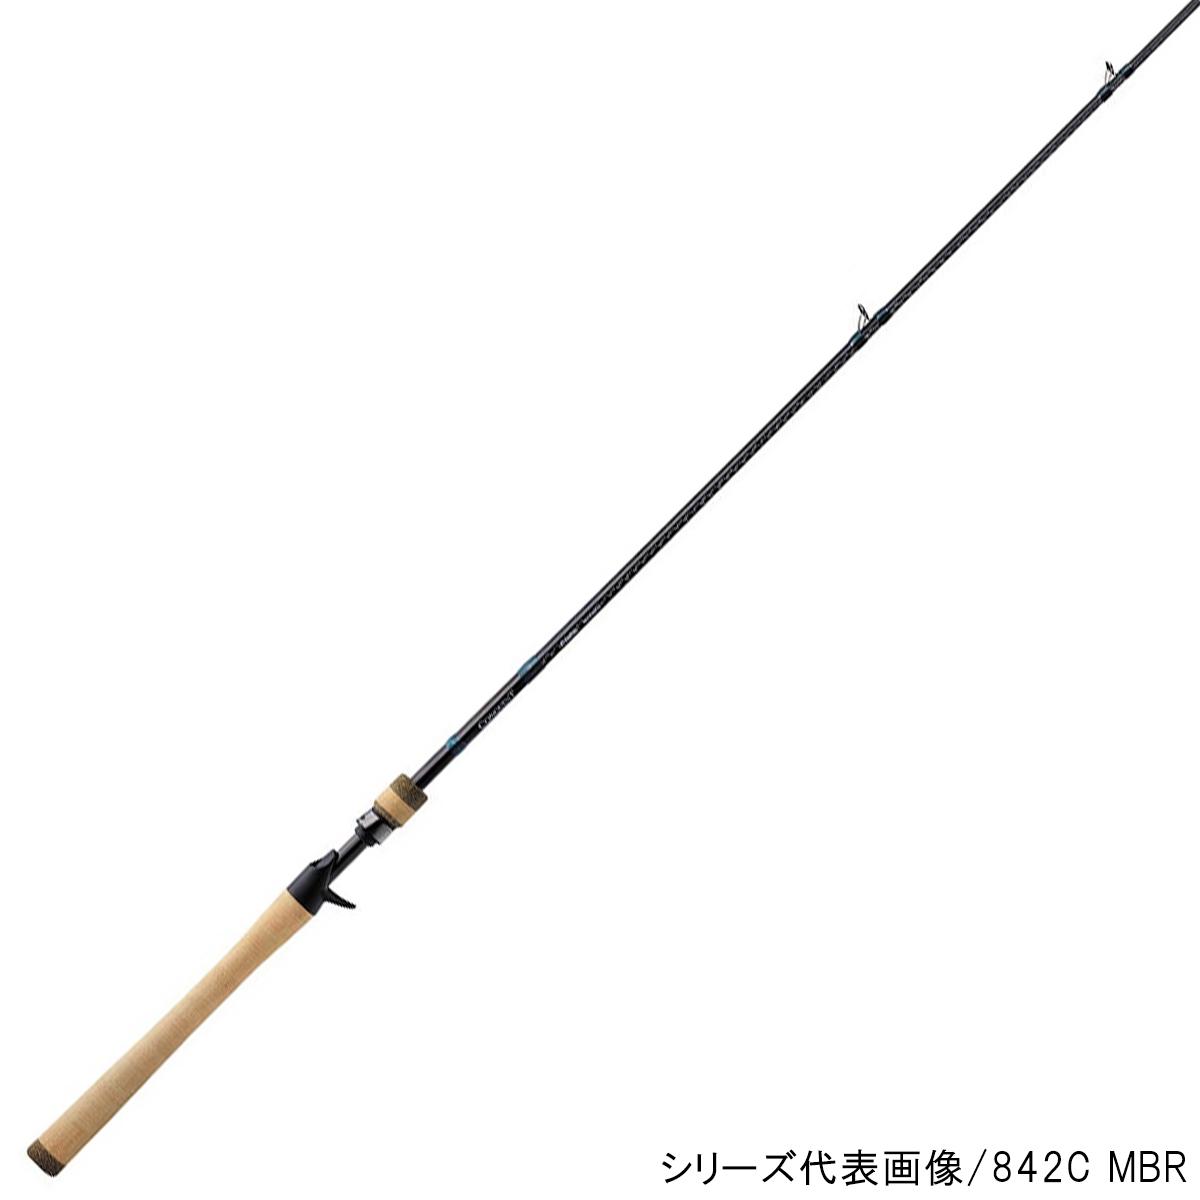 シマノ コンクエスト(ベイト) 844C MBR【大型商品】